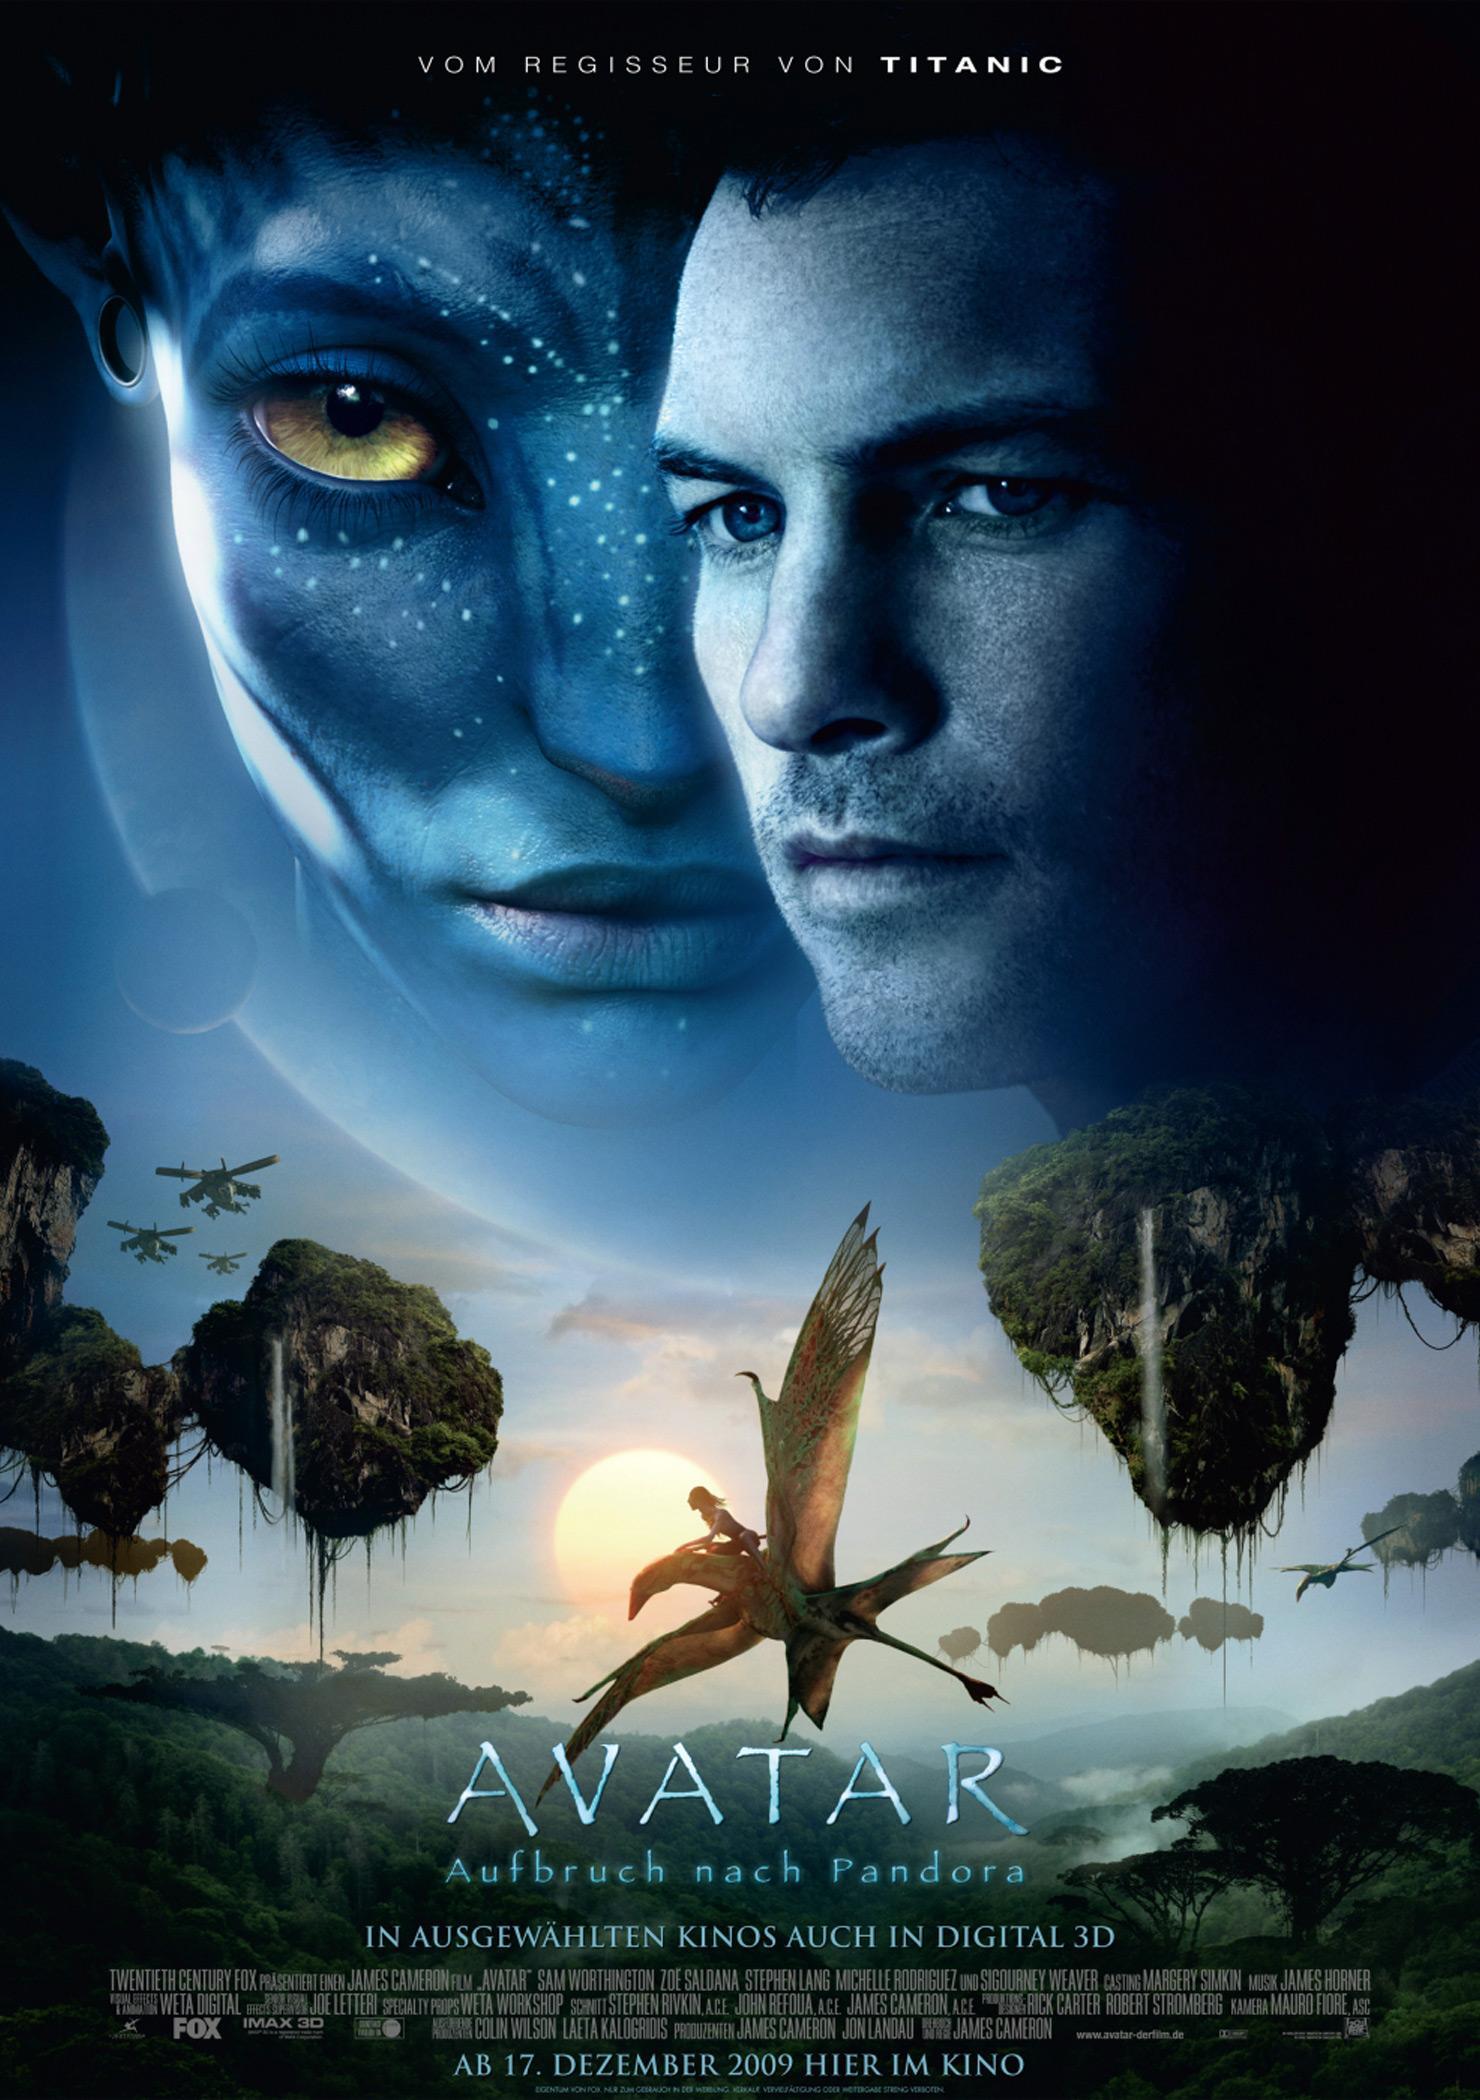 Avatar - Aufbruch nach Pandora (Poster)